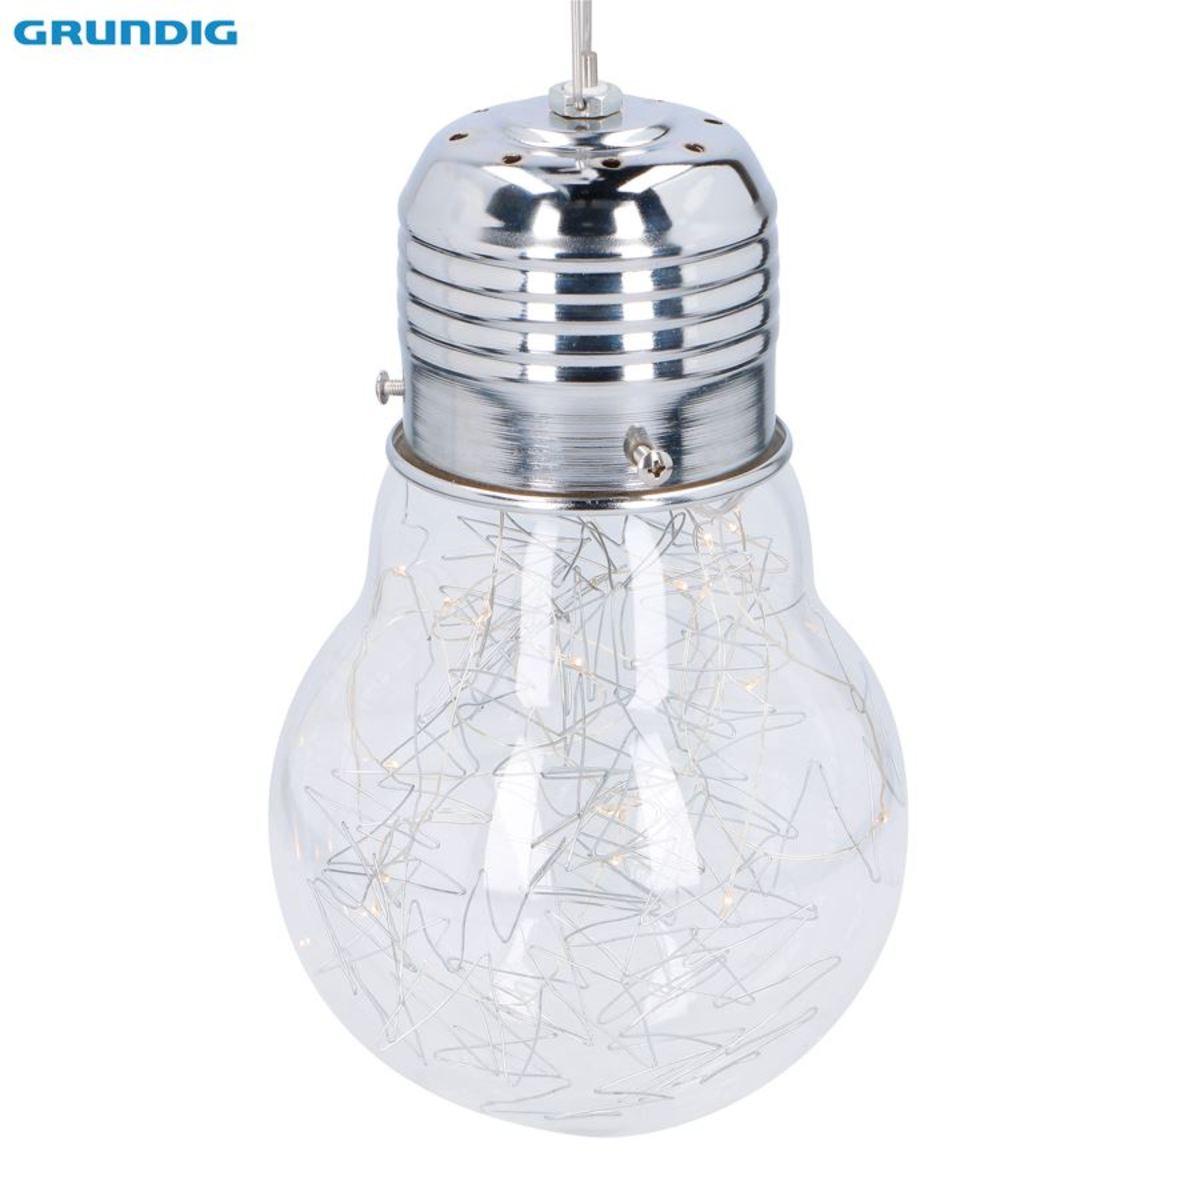 Bild 2 von Grundig Deko-Glühlampe